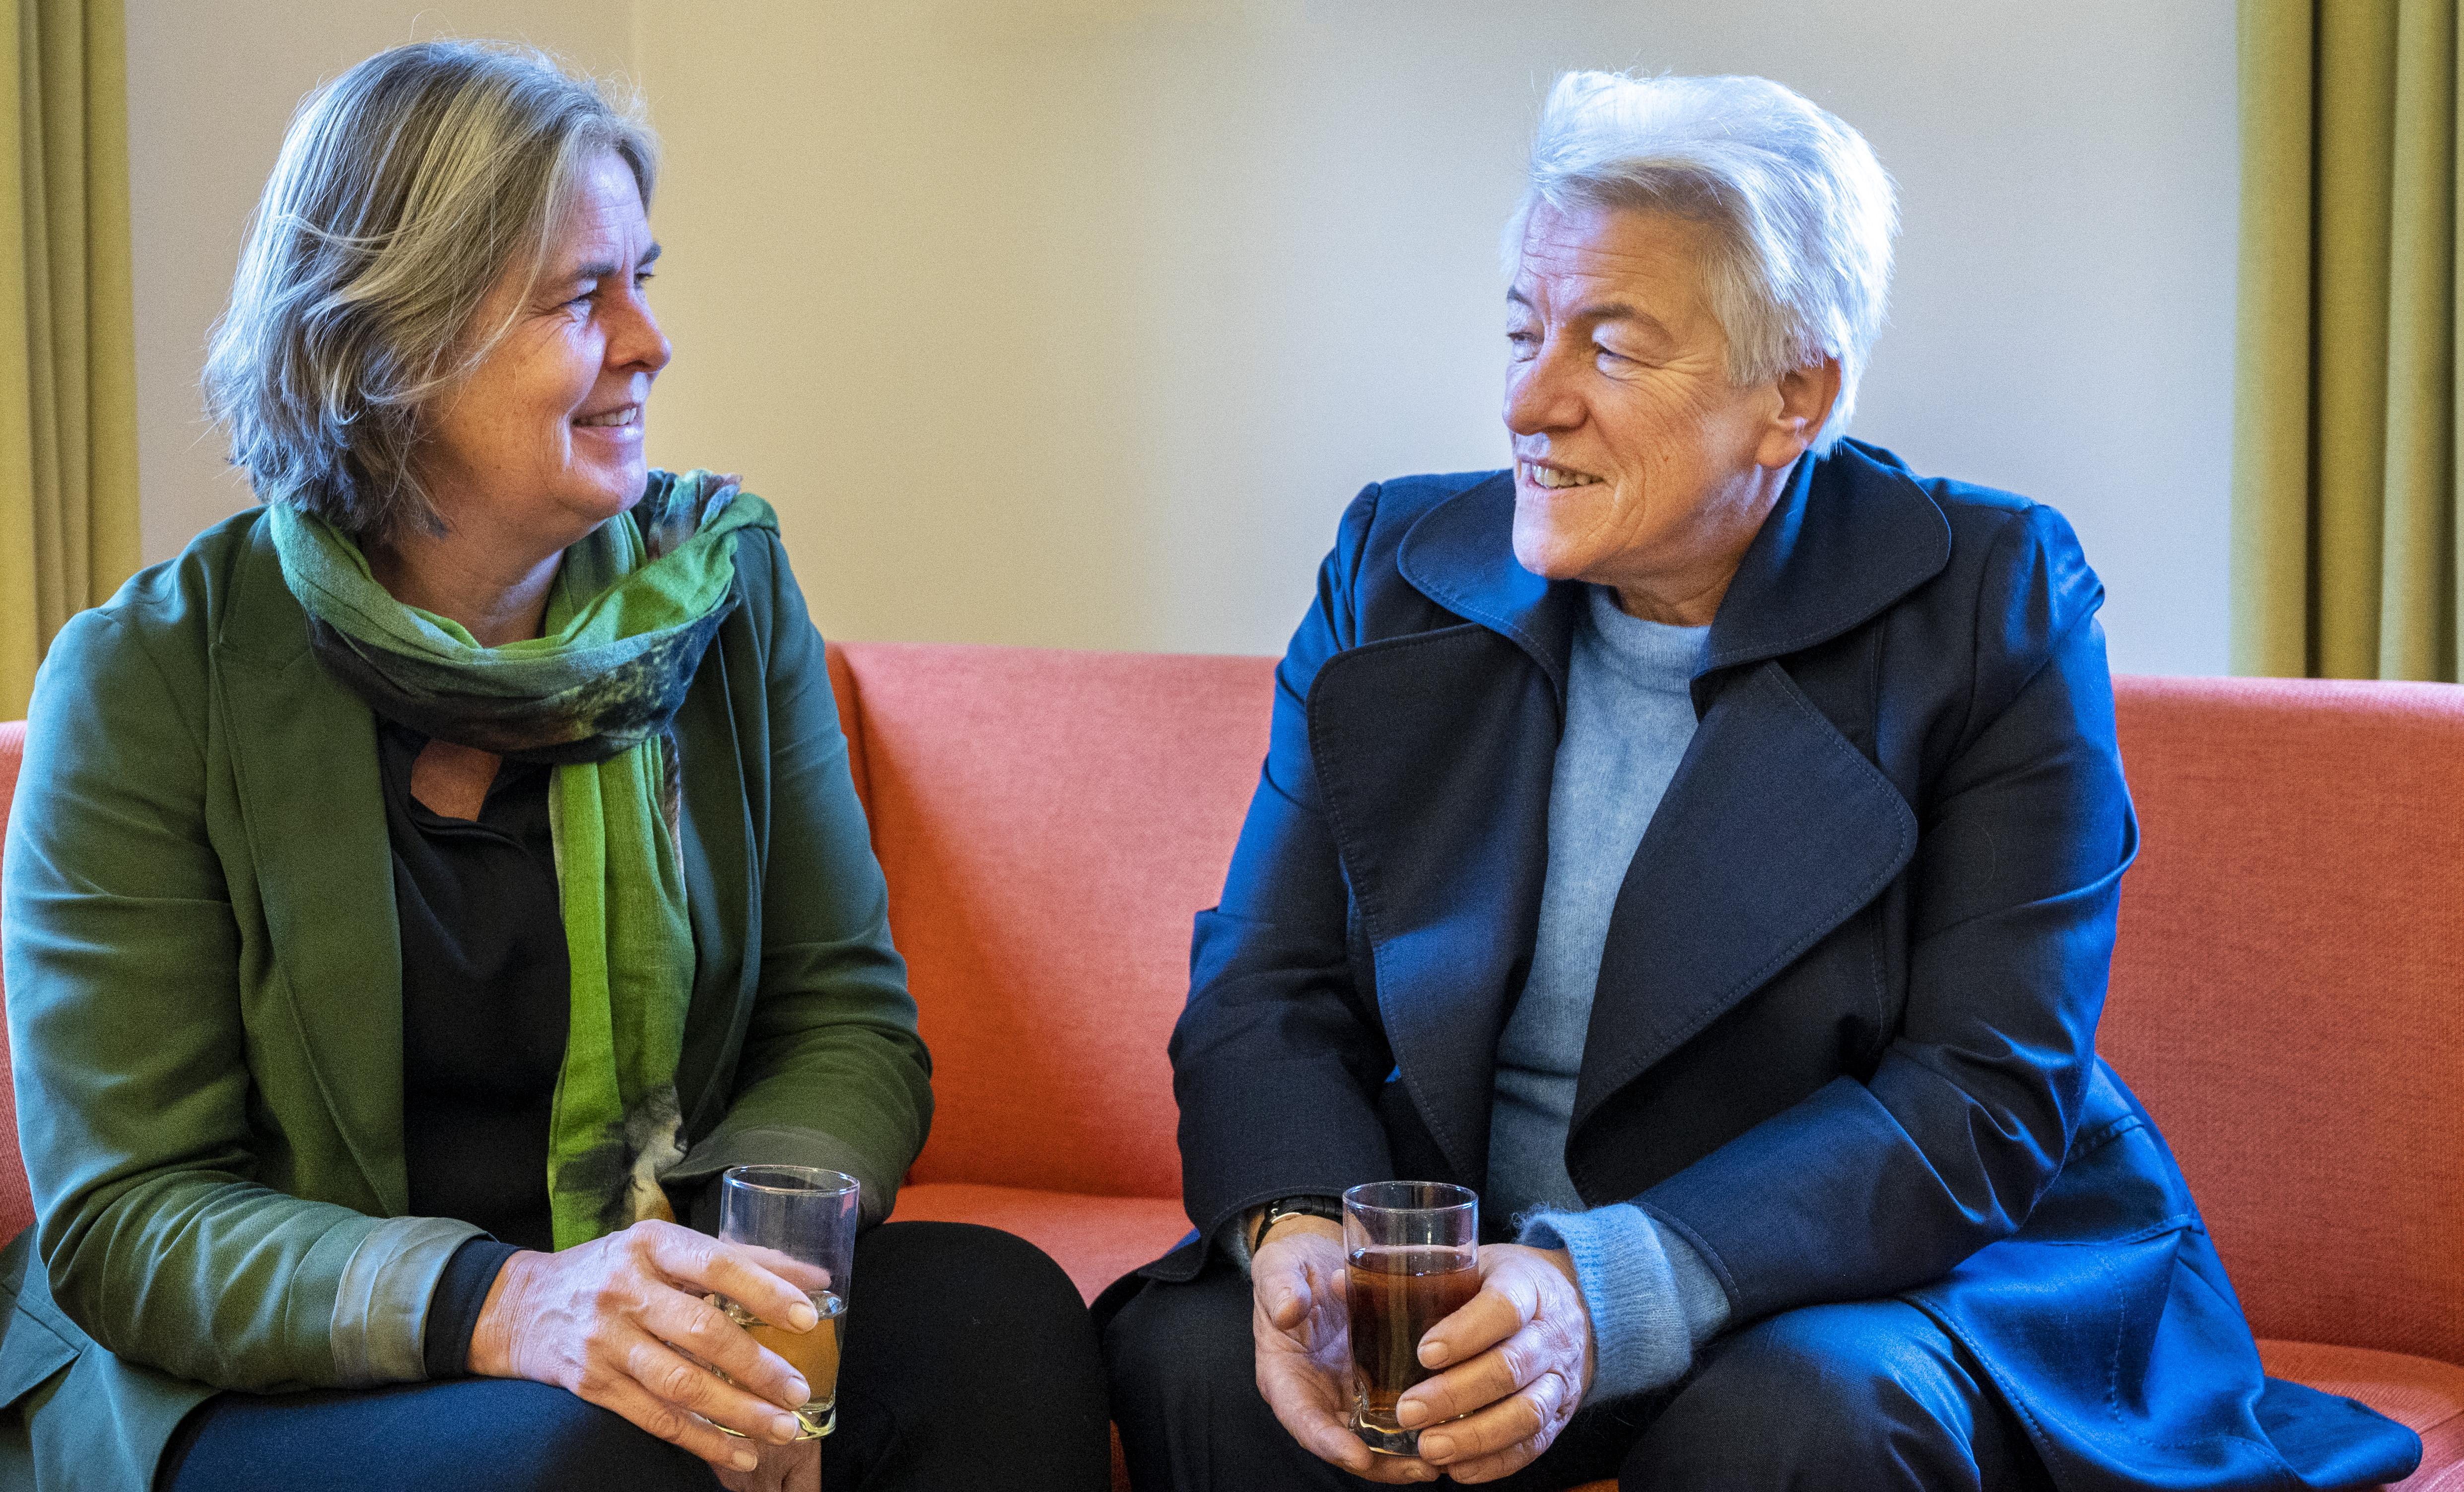 Heemsteedse burgemeester Astrid Nienhuis over het geringe aantal vrouwelijke gemeentebestuurders: 'Als we niets doen, verandert er niets'